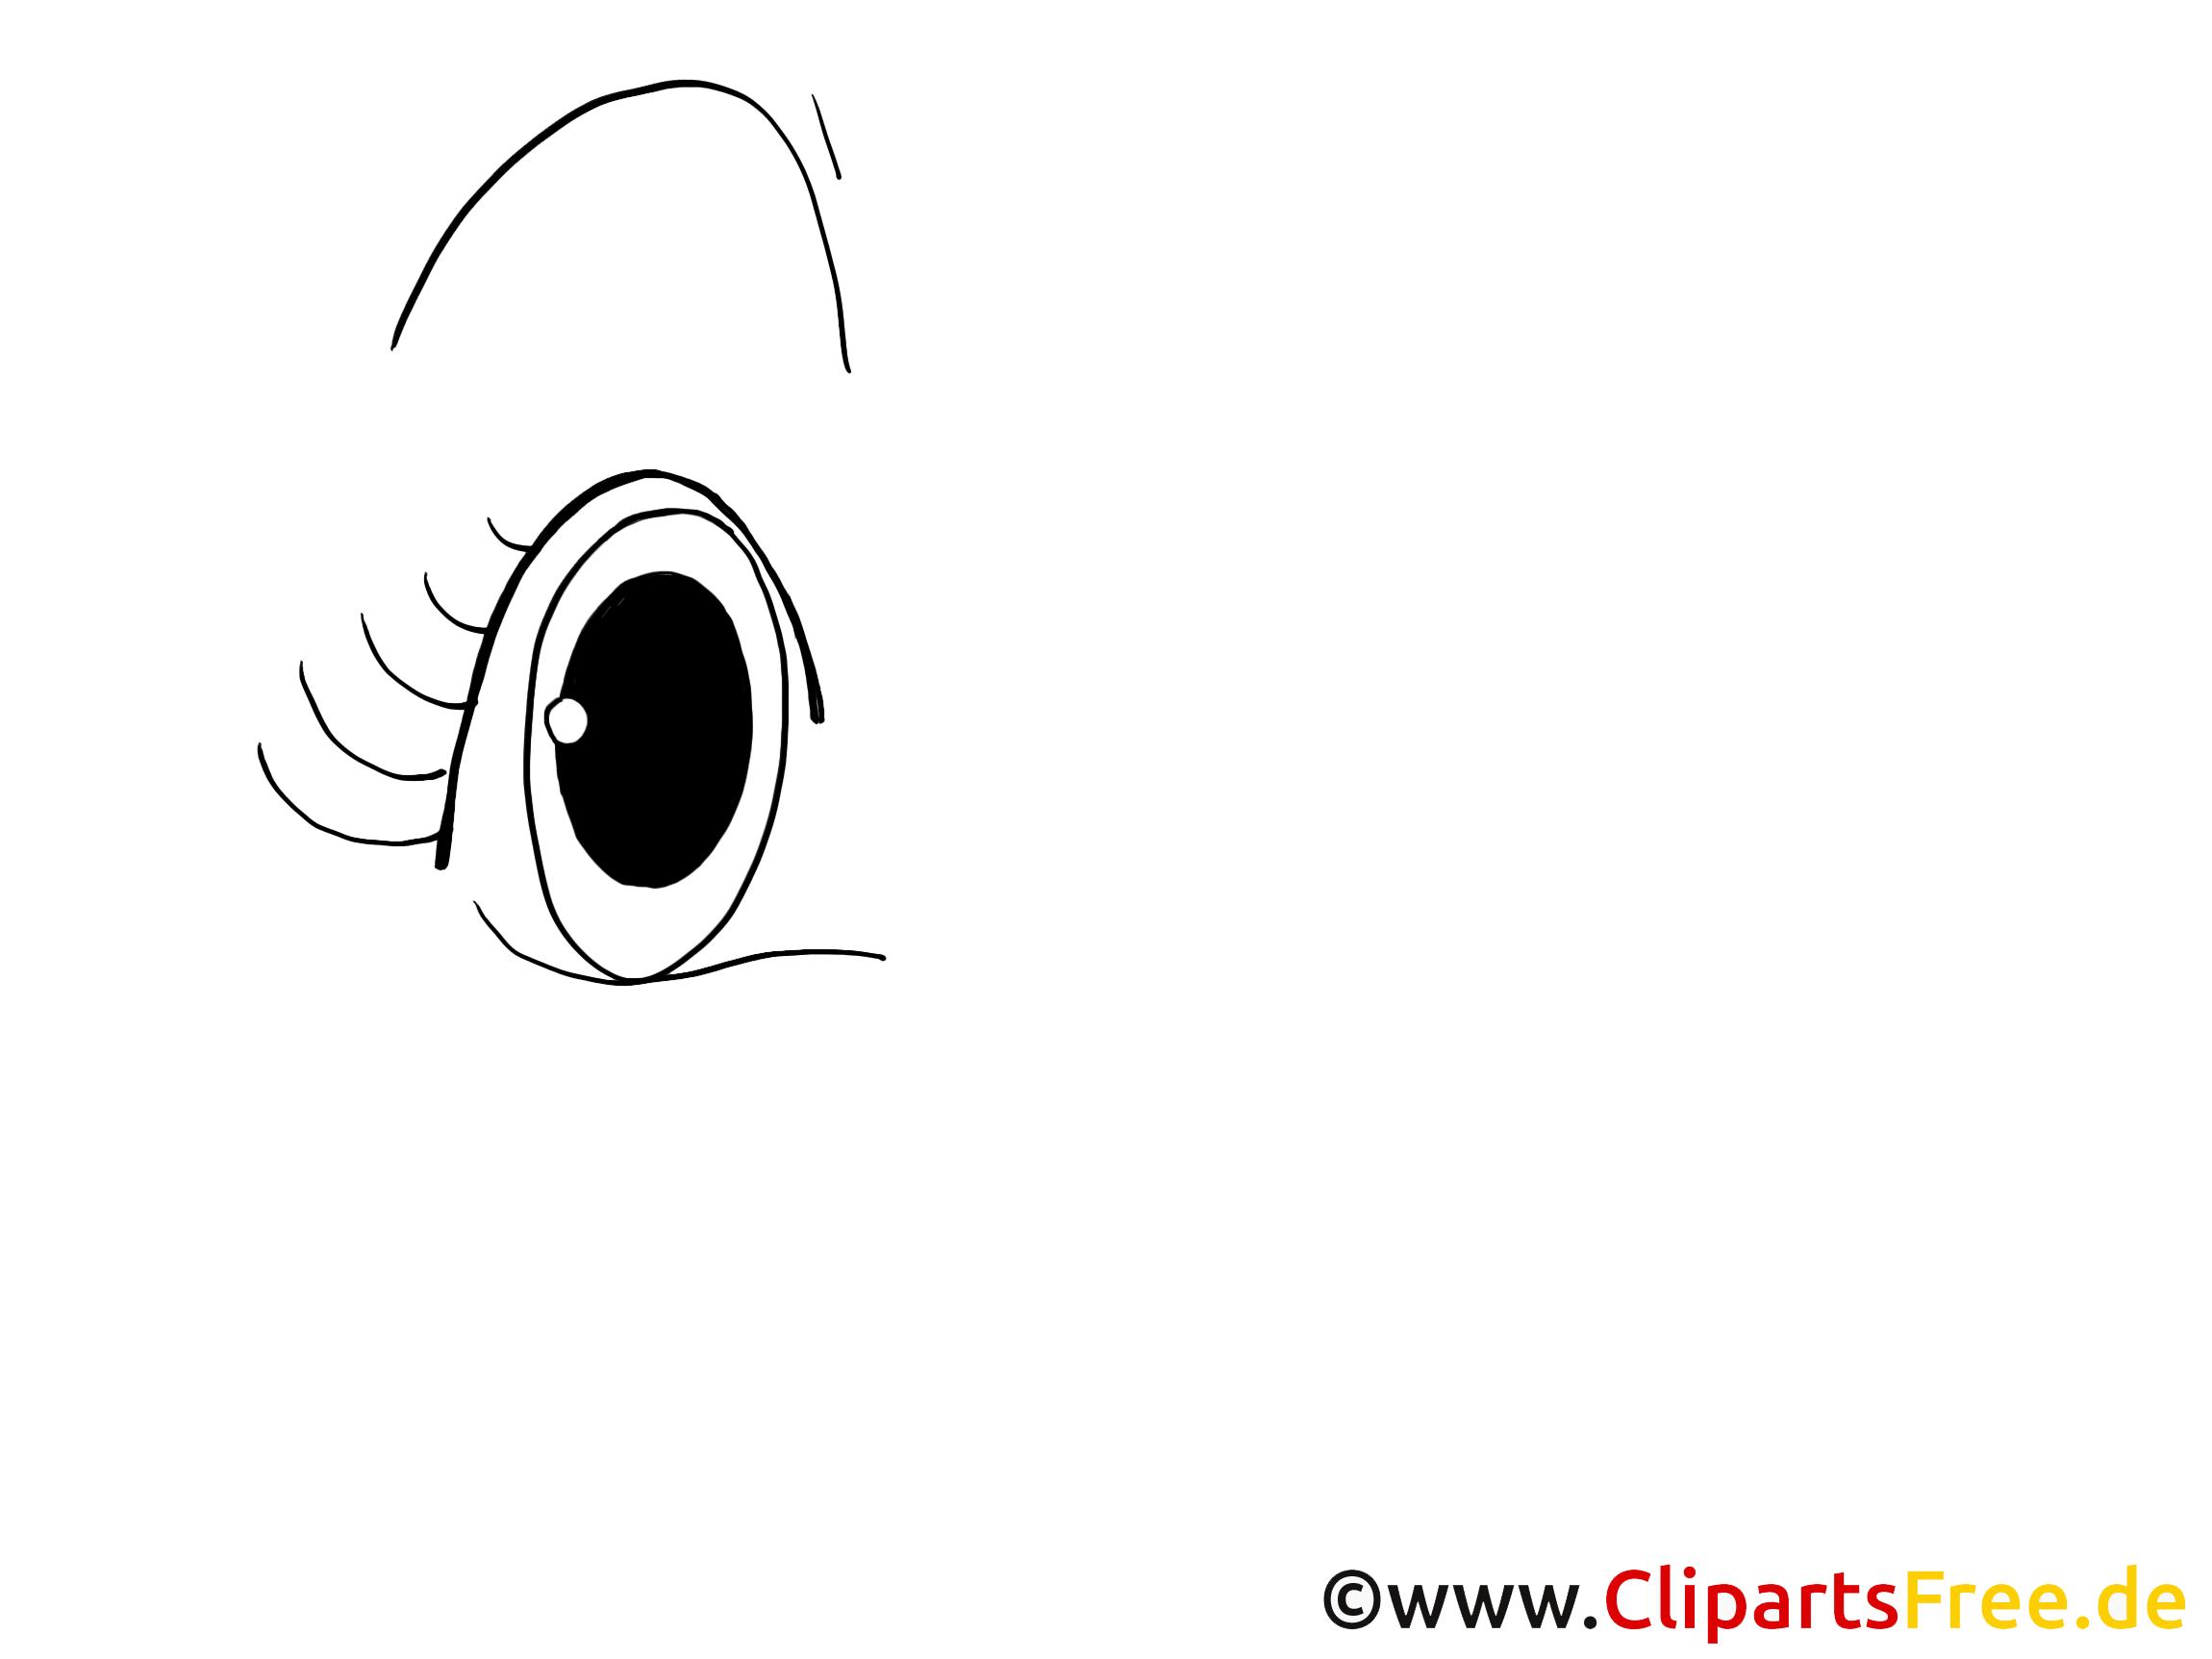 Dessin gratuit oeil – Dessin image